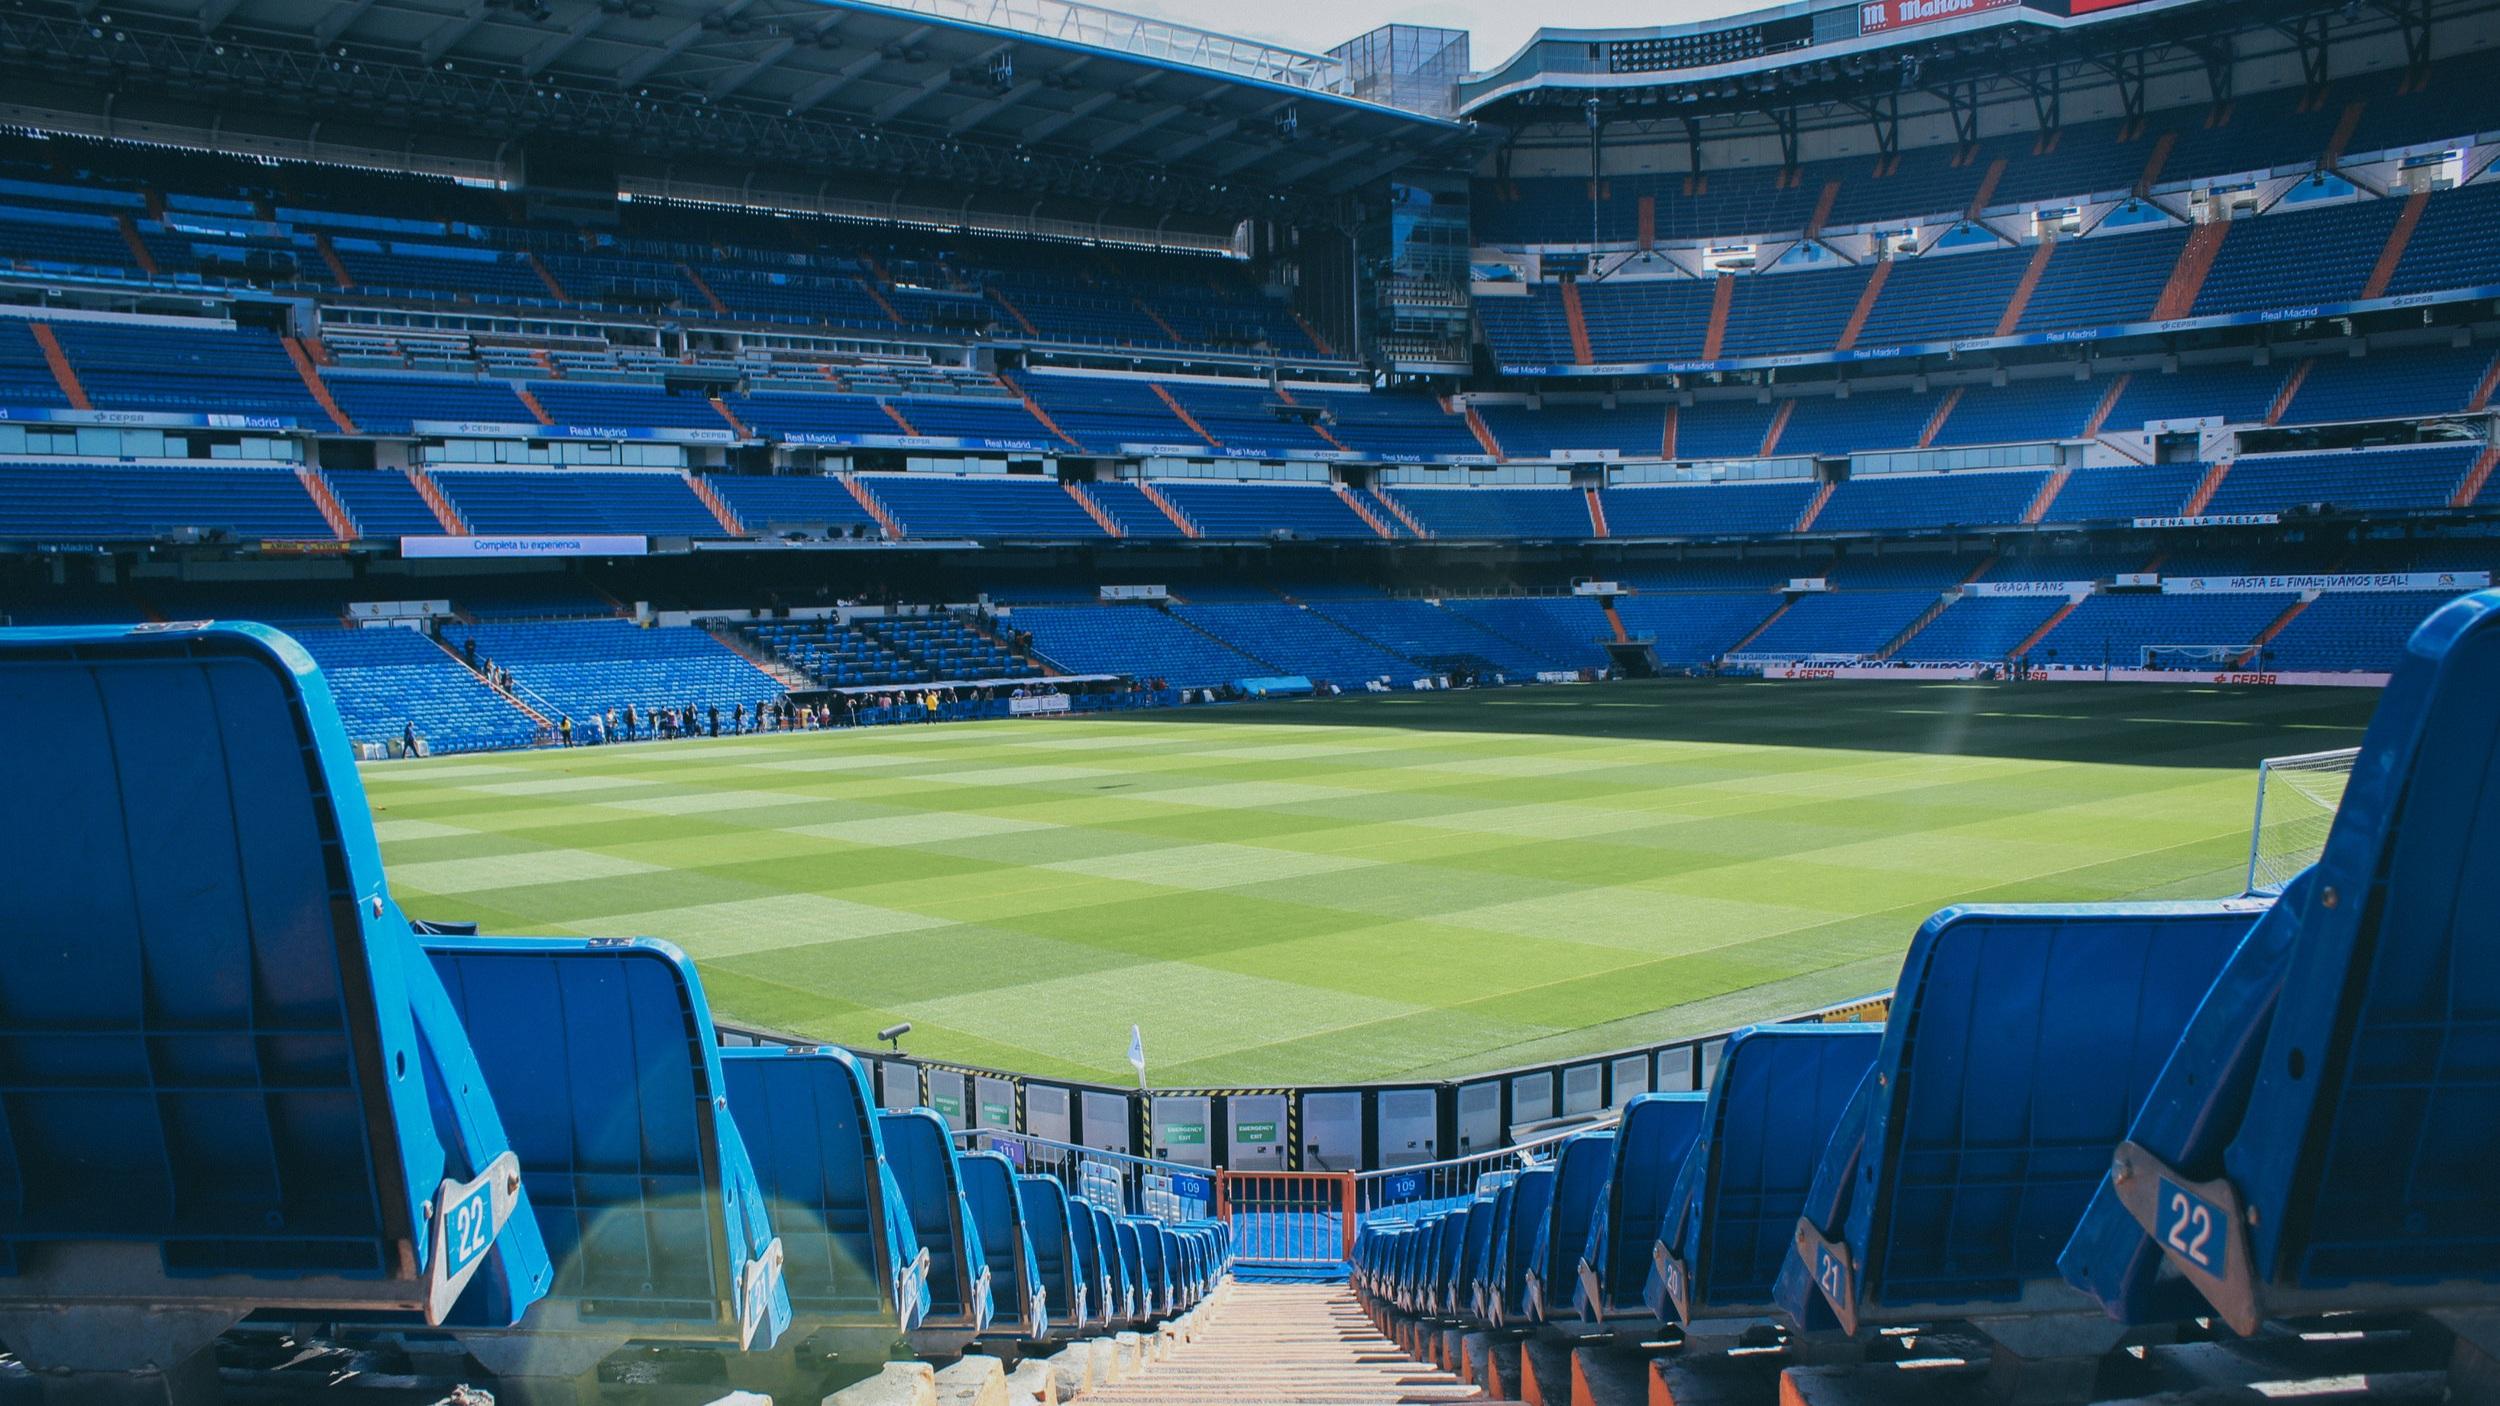 Real Madrid - MADRID, SPAIN